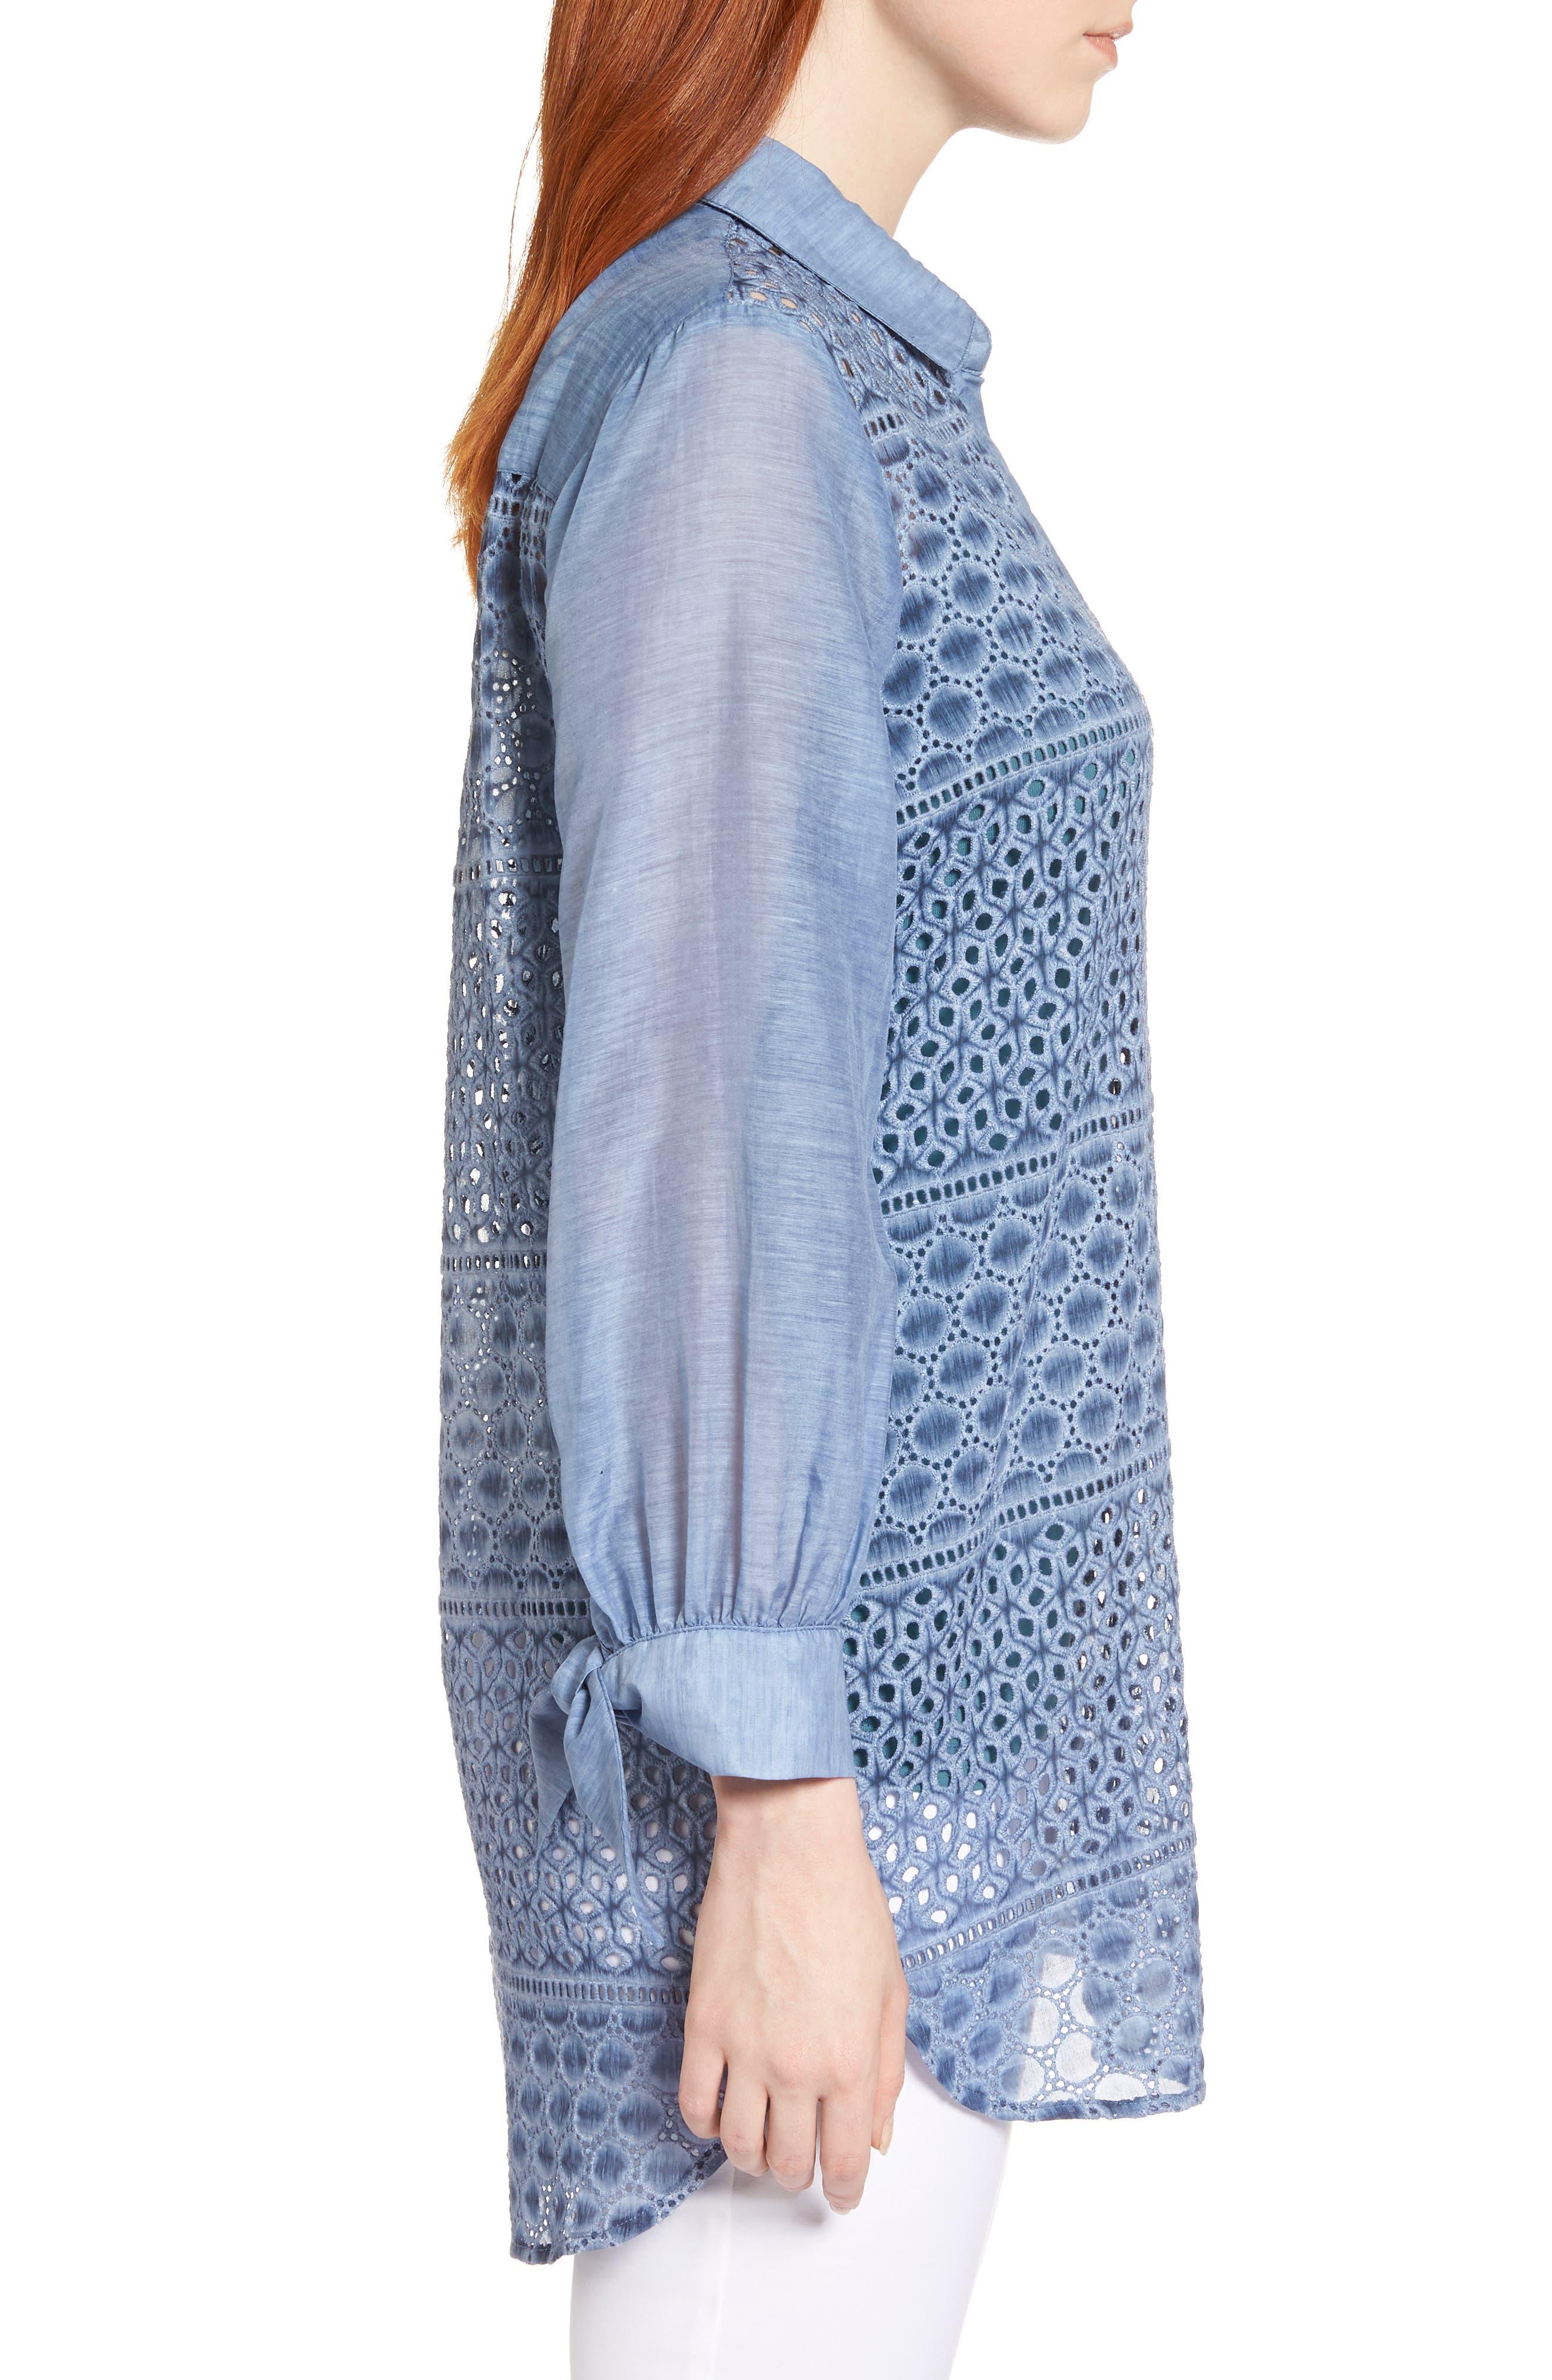 Mosaic Lace Cotton Silk Blouse,                             Alternate thumbnail 3, color,                             Mosaic Blue